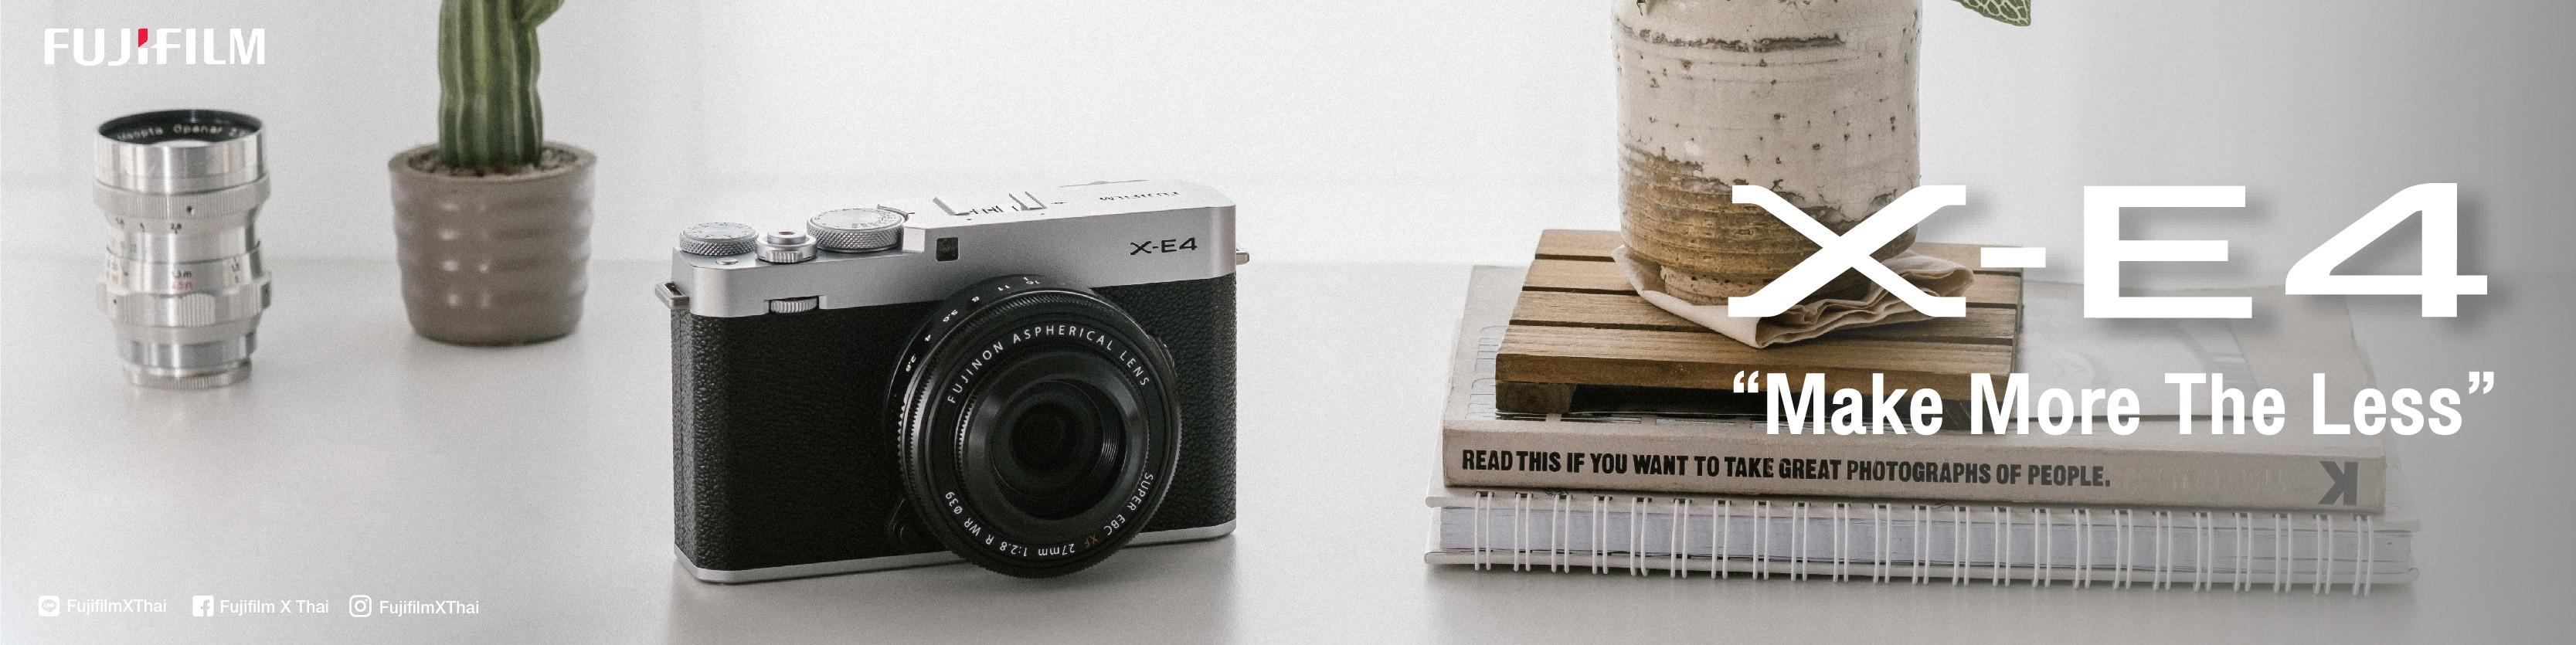 Fuji XE4